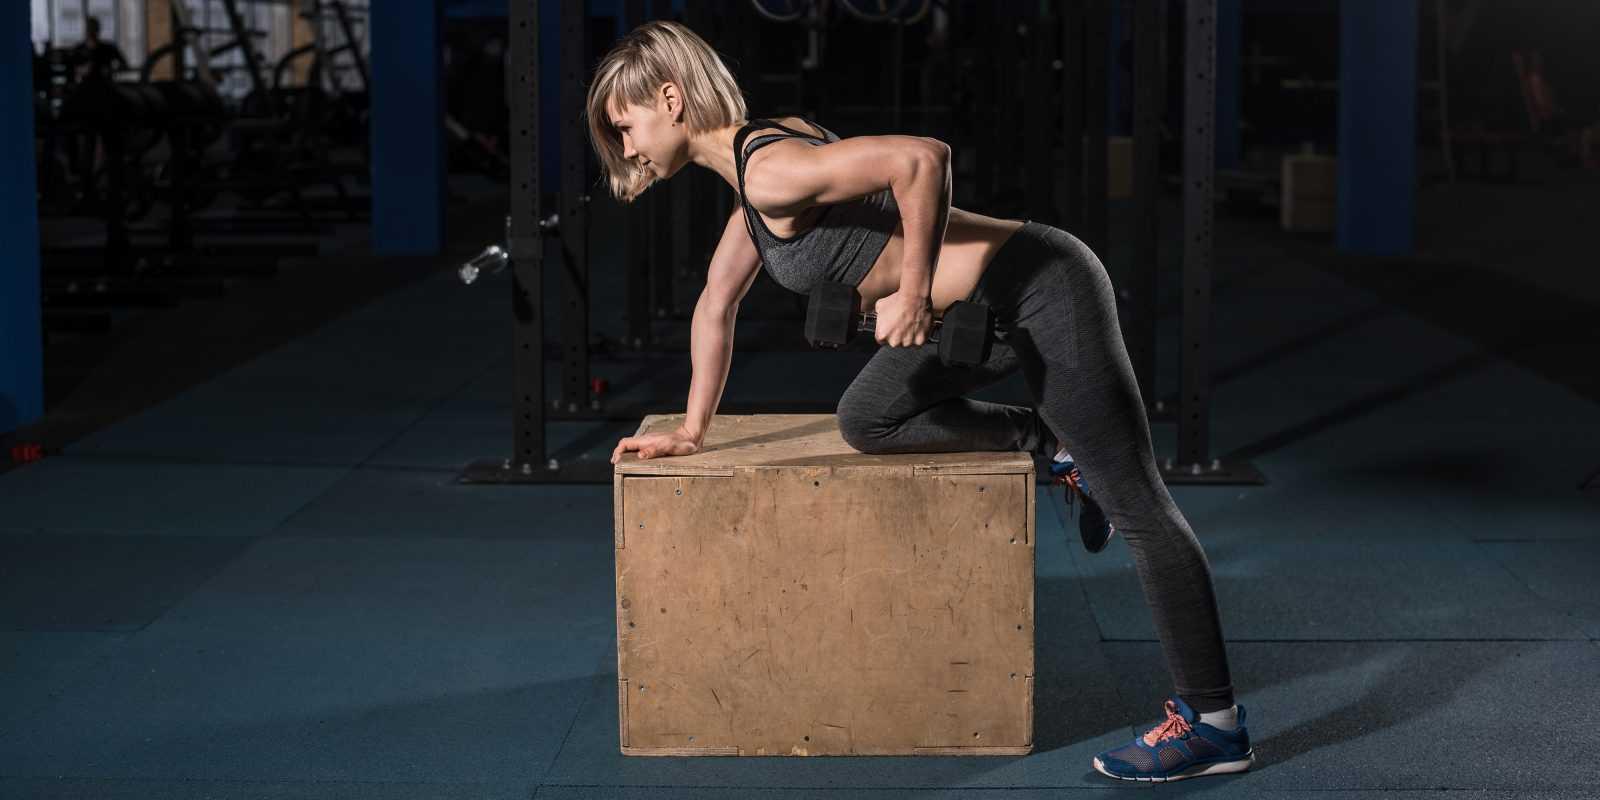 Фитнес-программа envy